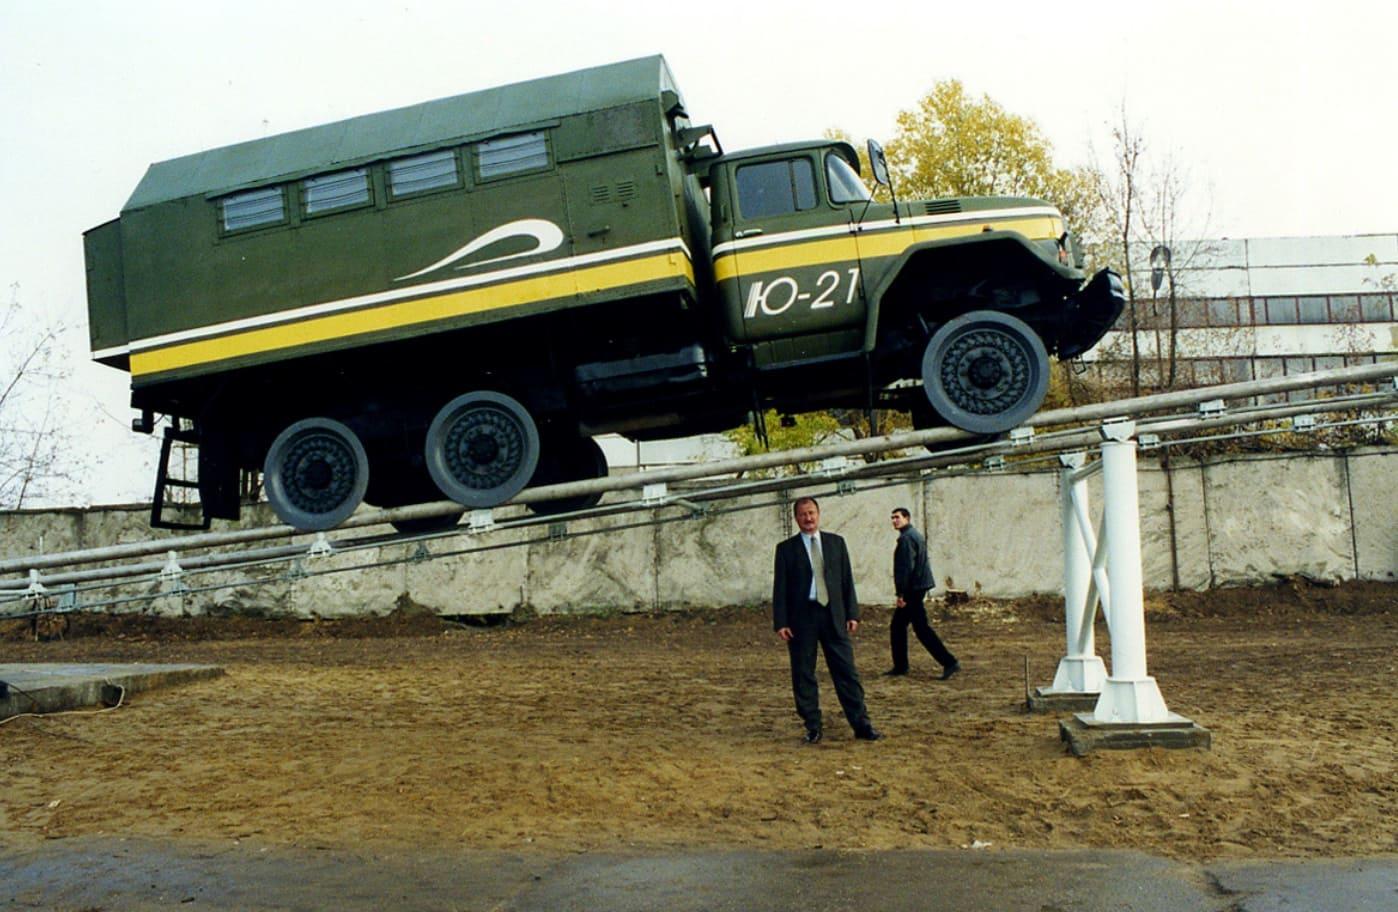 Демонстрация путевой структуры СТЮ. Октябрь 2001 г.